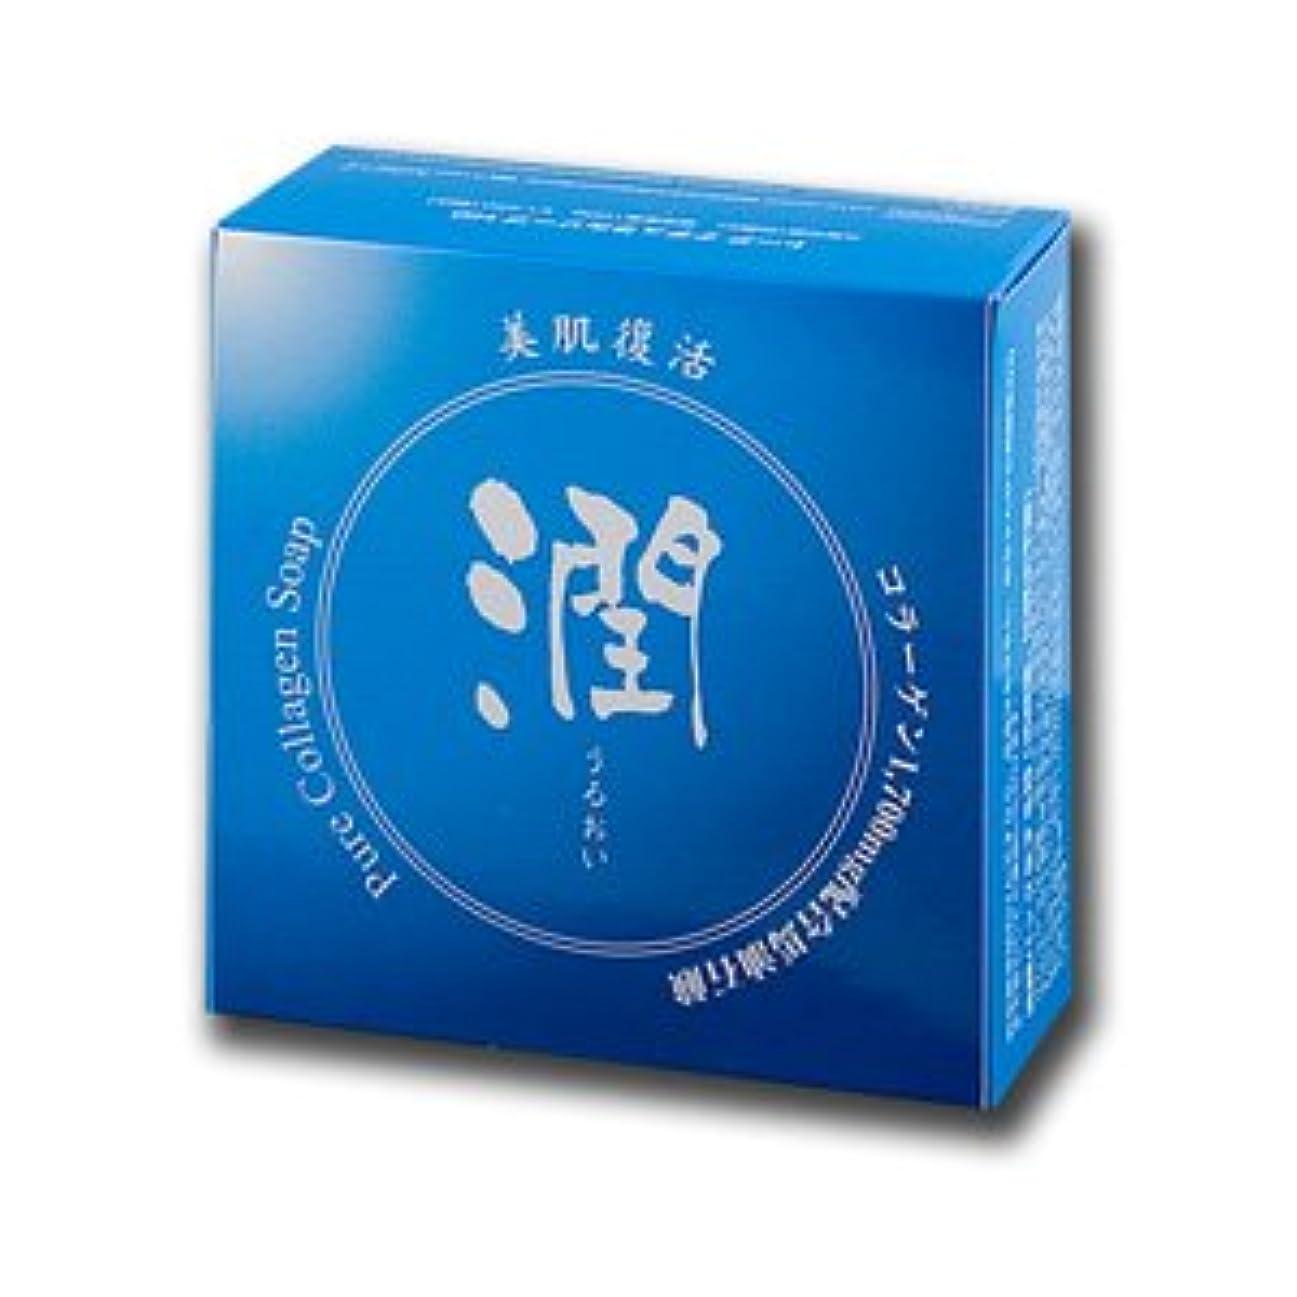 面白い絶滅した正気コラーゲン馬油石鹸 潤 100g (#800410) ×10個セット